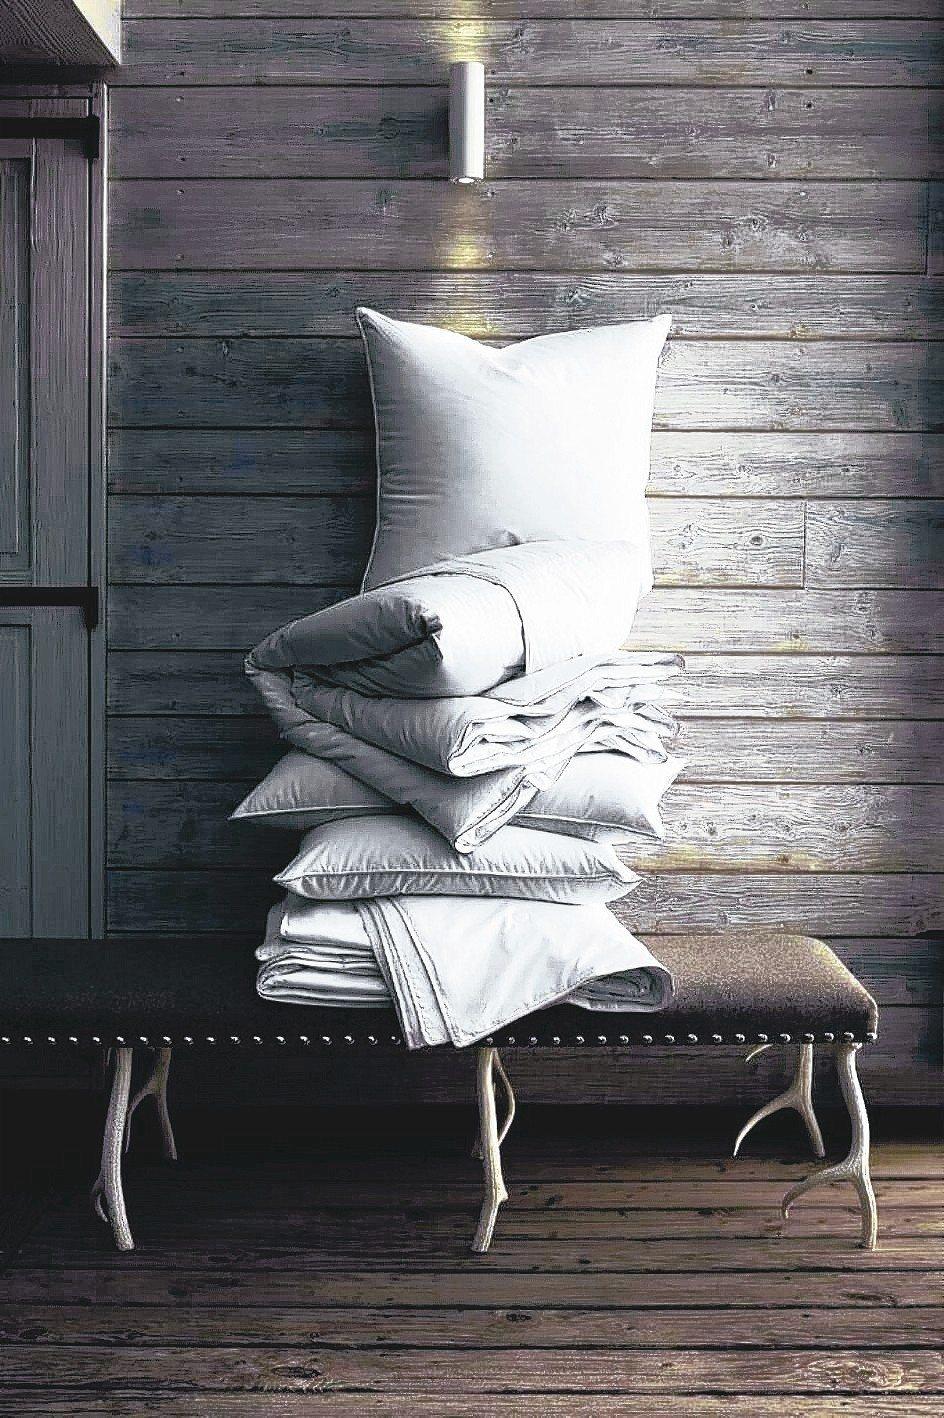 鵝絨枕具有柔軟、包覆度高、透氣等特性,適合台灣氣候。 FRETTE/提供